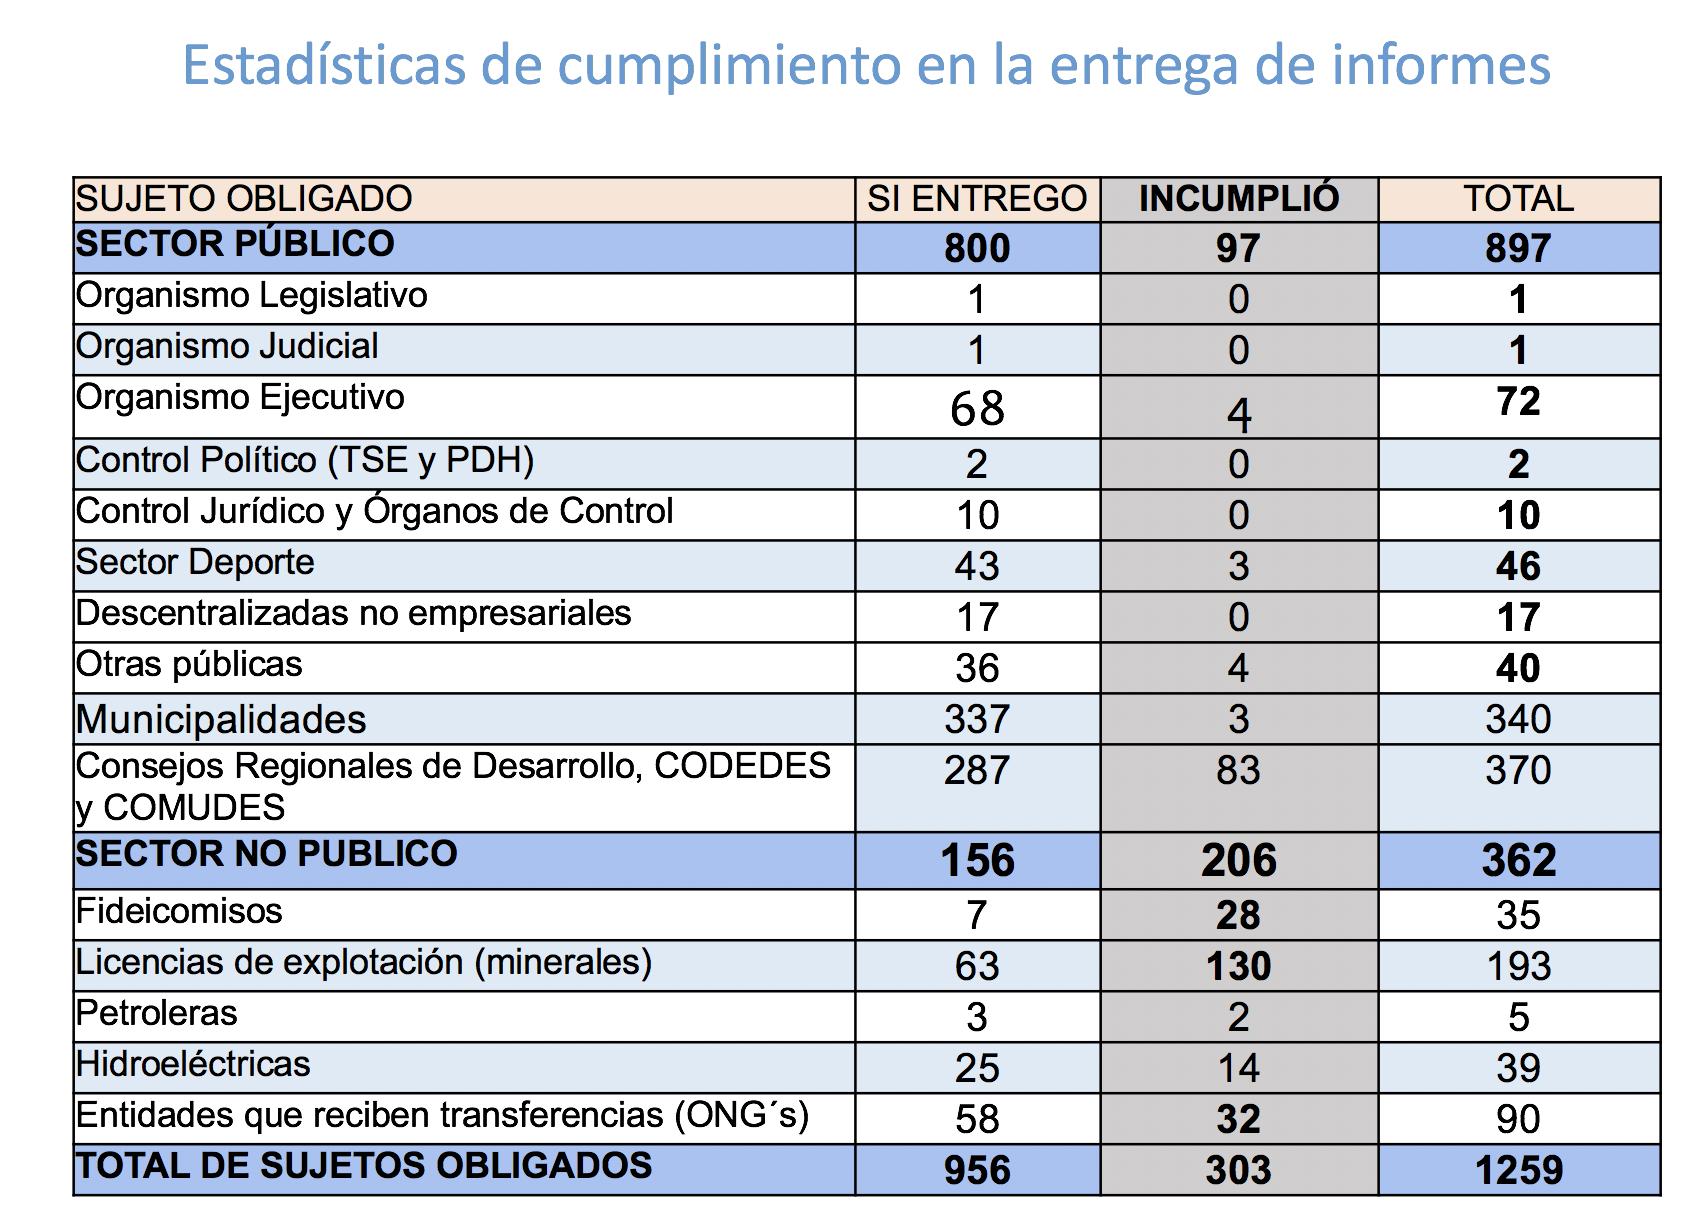 Tabla general con los resultados de la entidades obligada a publicar la información que demanda la Ley de Acceso a la Información.